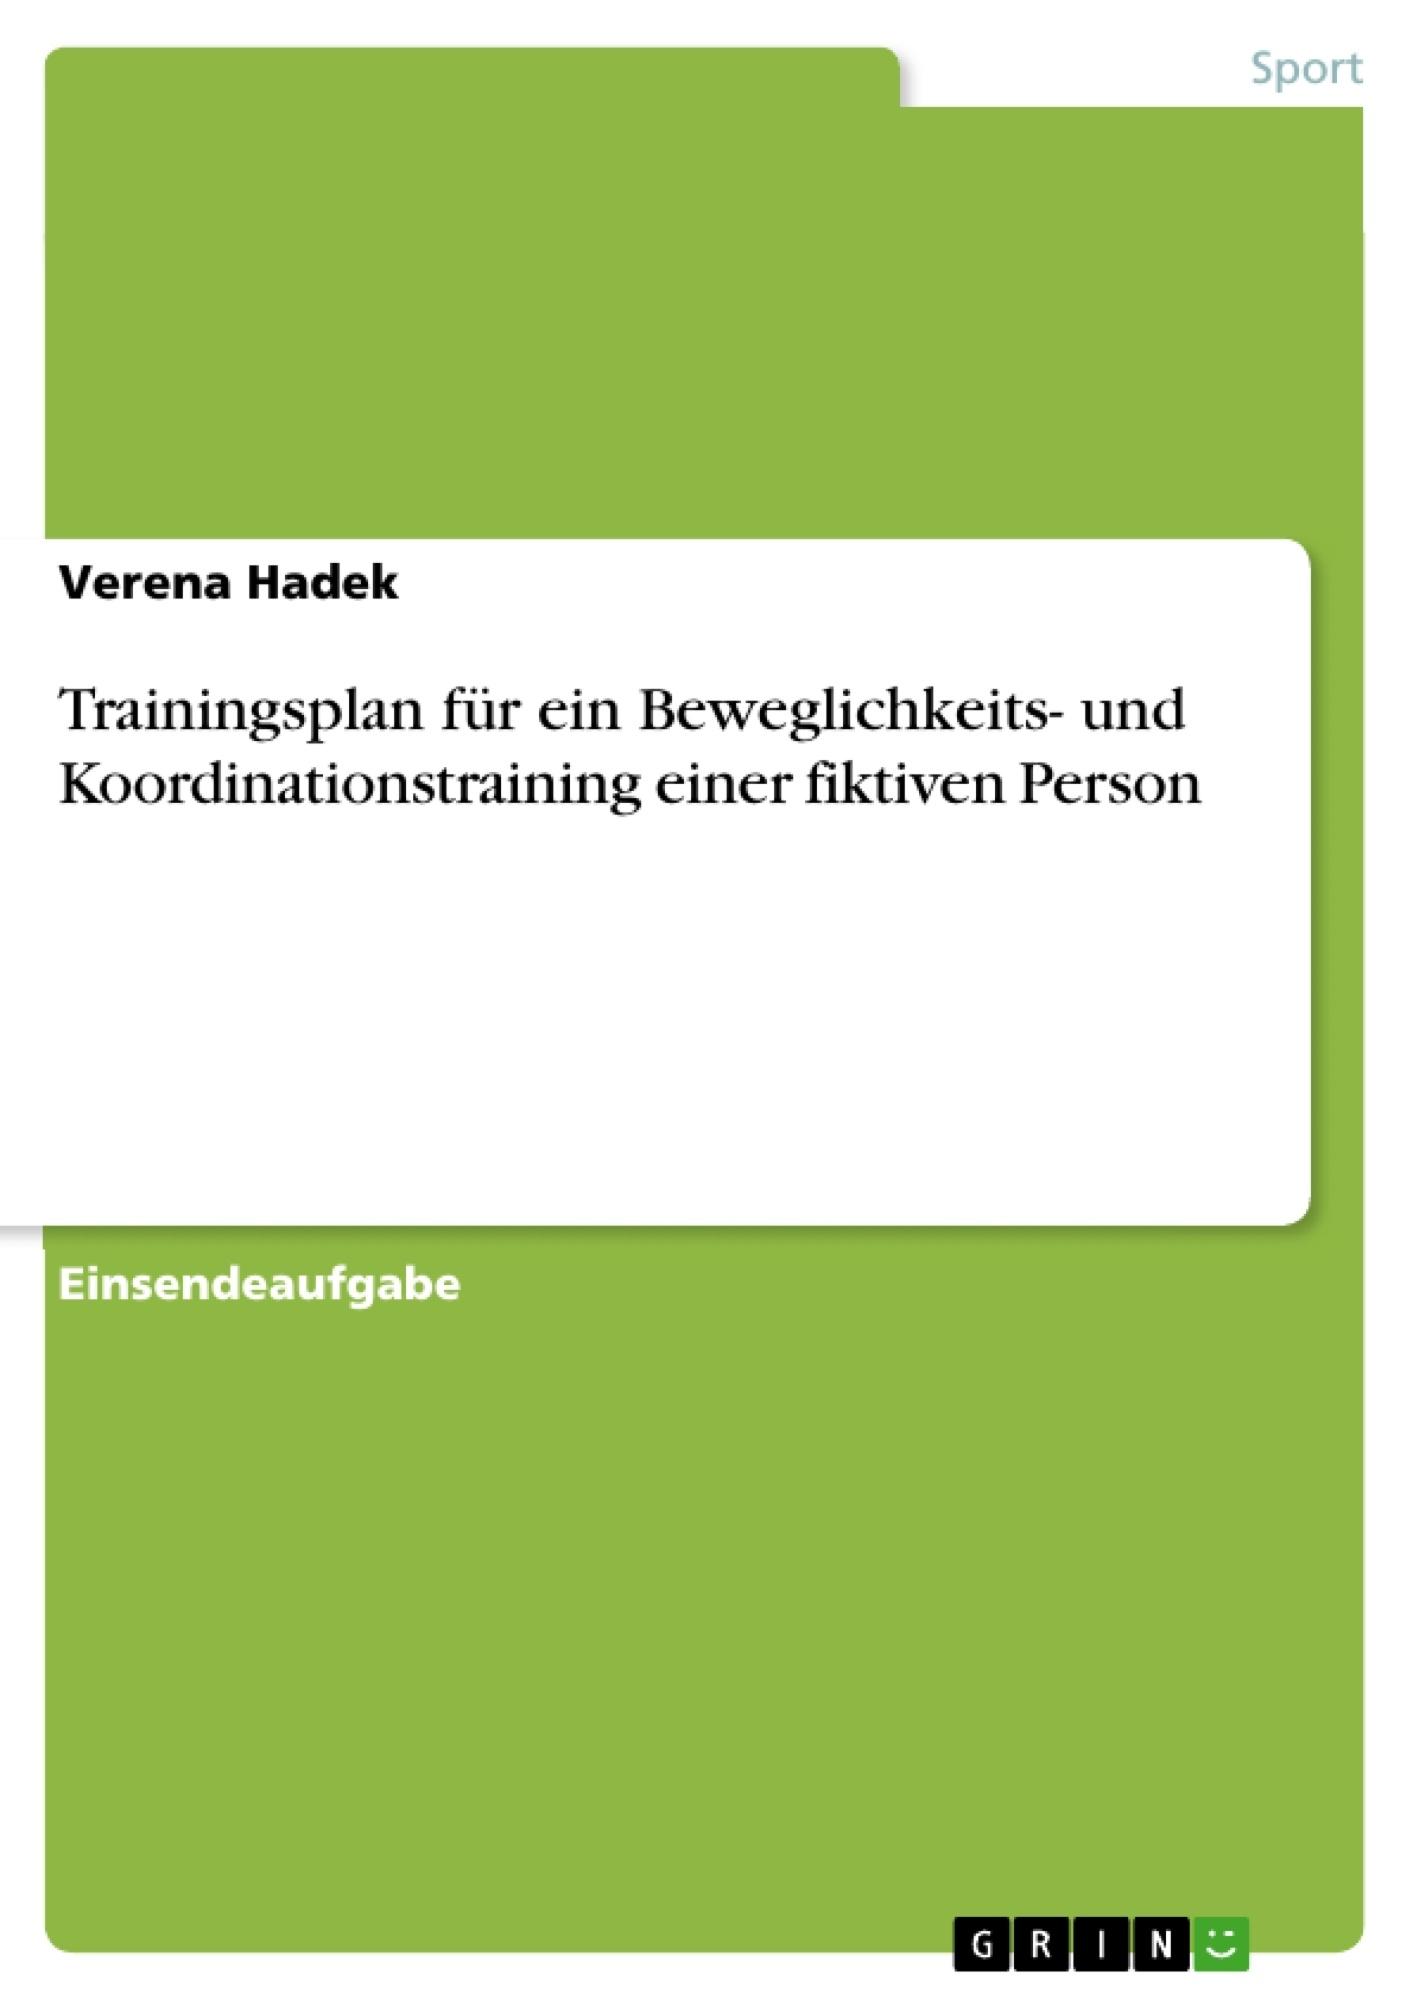 Titel: Trainingsplan für ein Beweglichkeits- und Koordinationstraining einer fiktiven Person